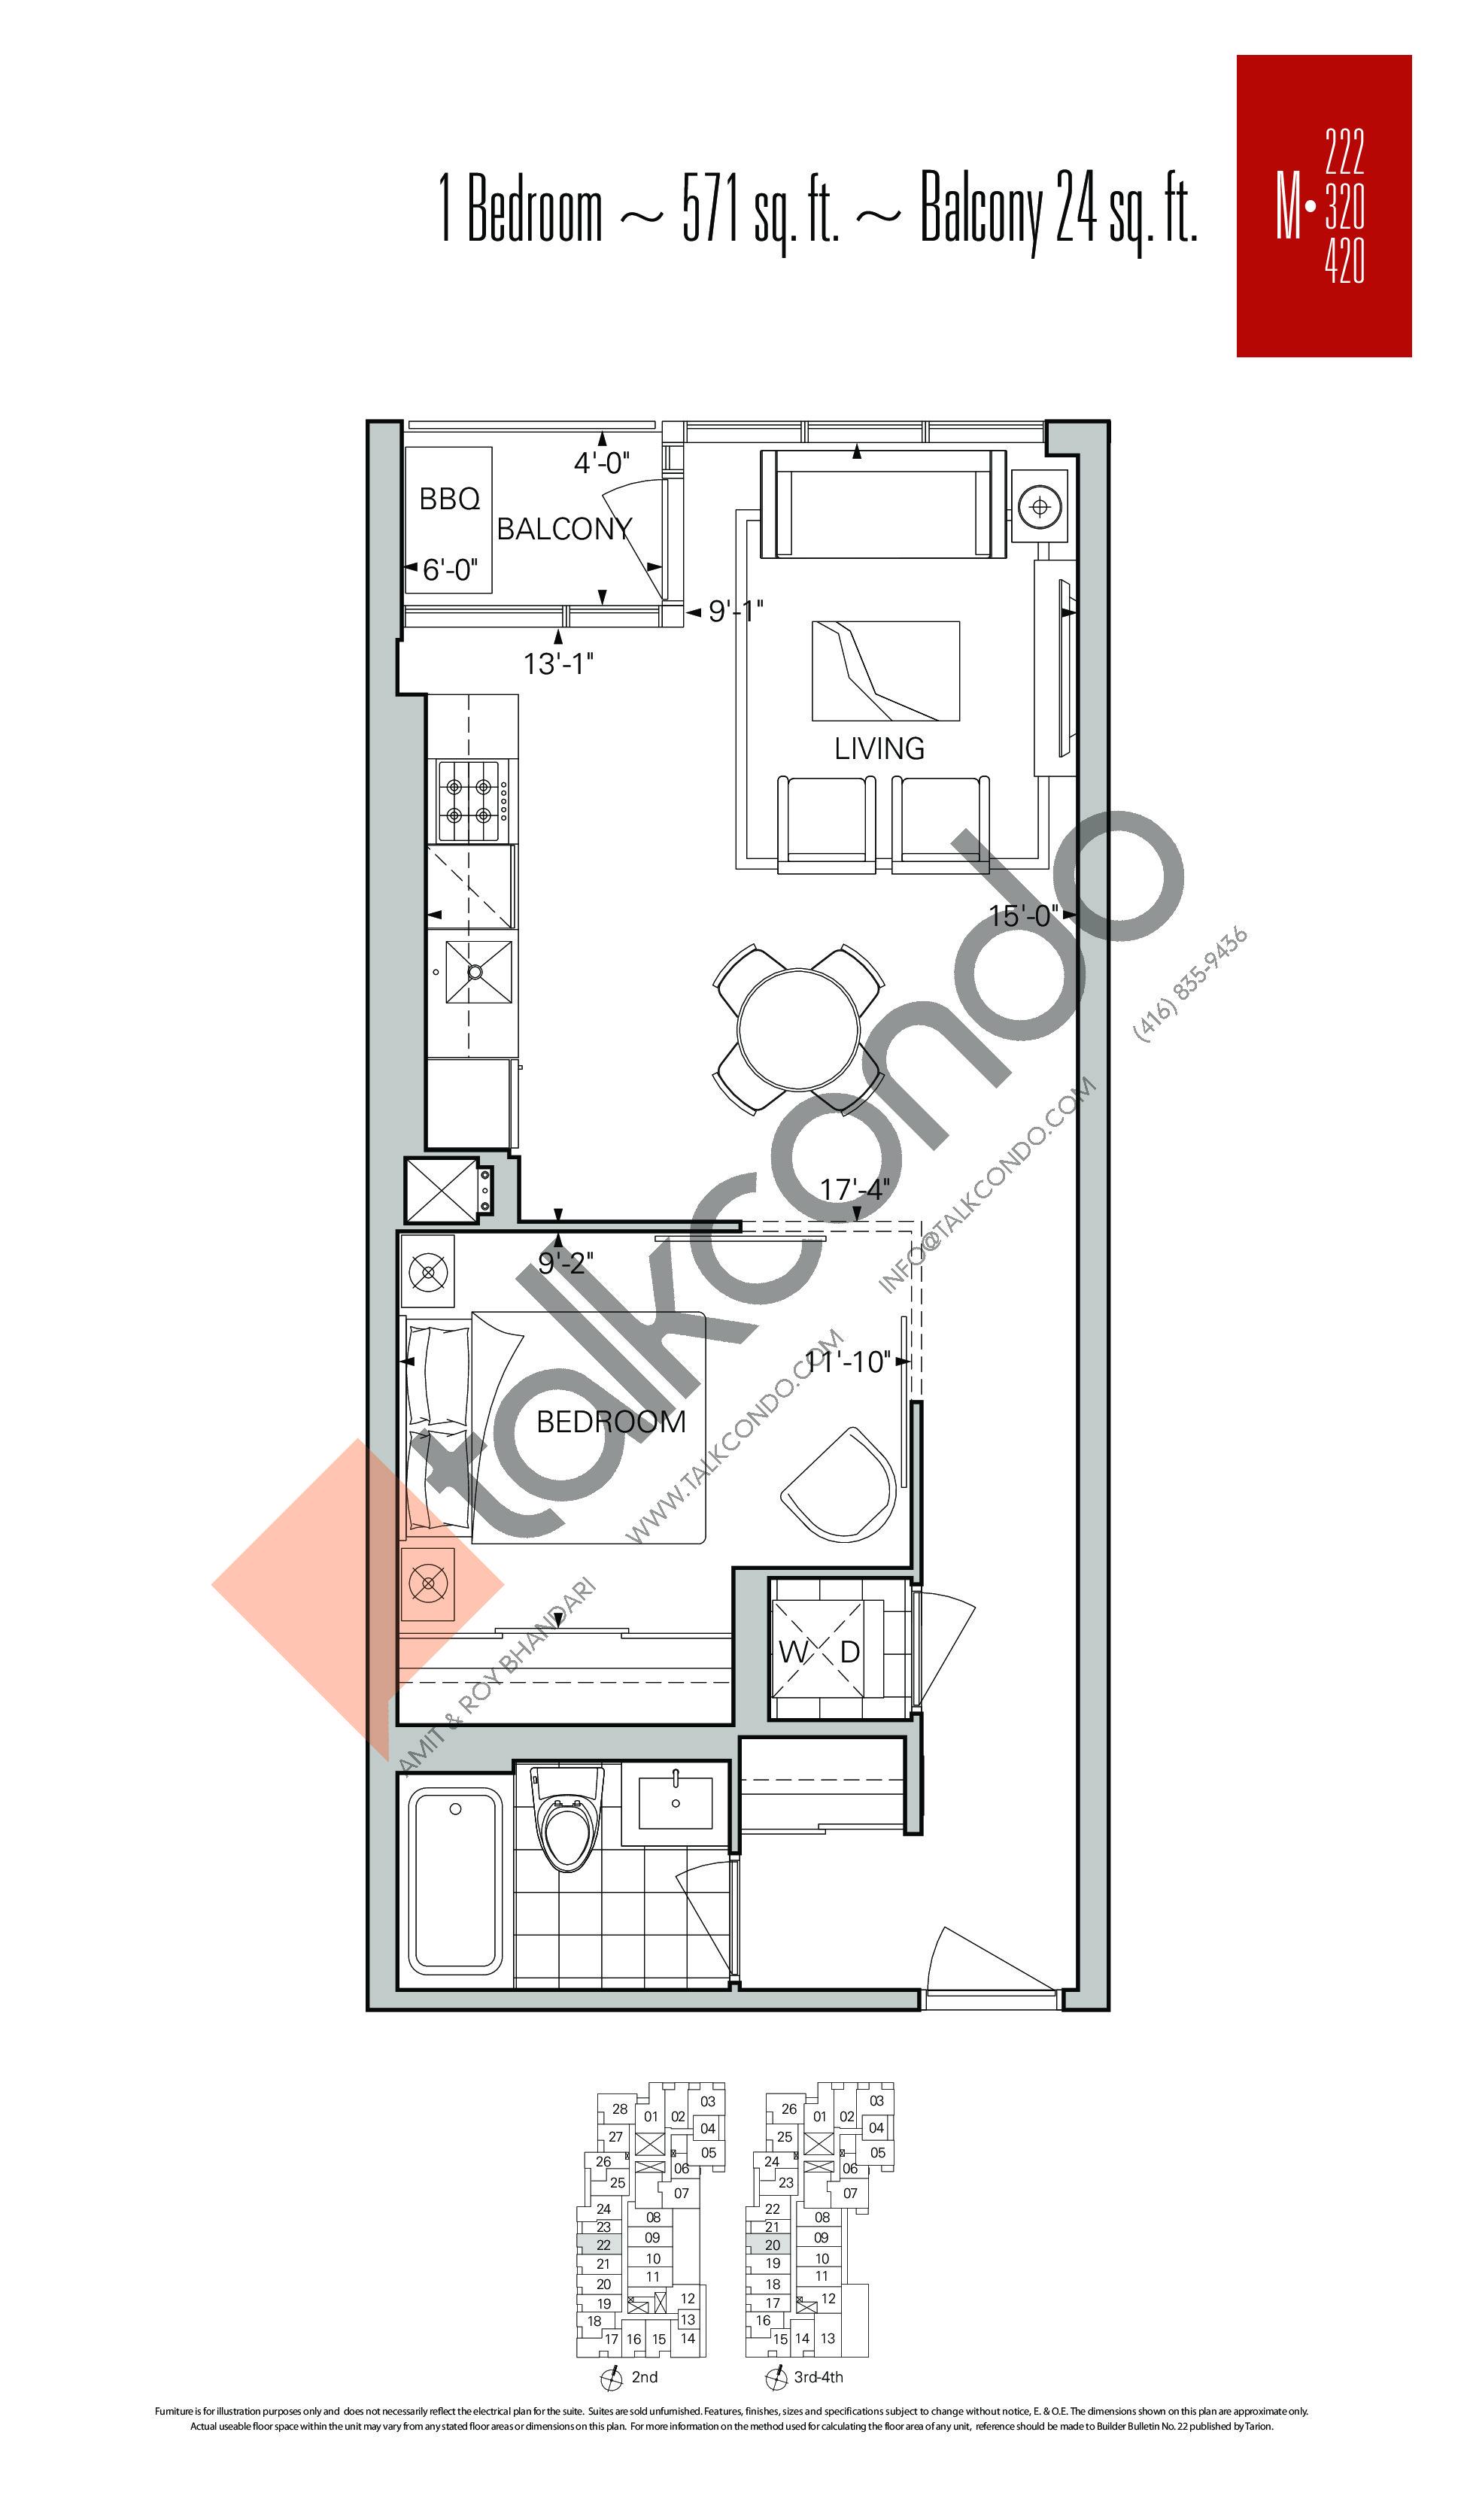 M-222 | M-320 | M-420 Floor Plan at Rise Condos - 571 sq.ft